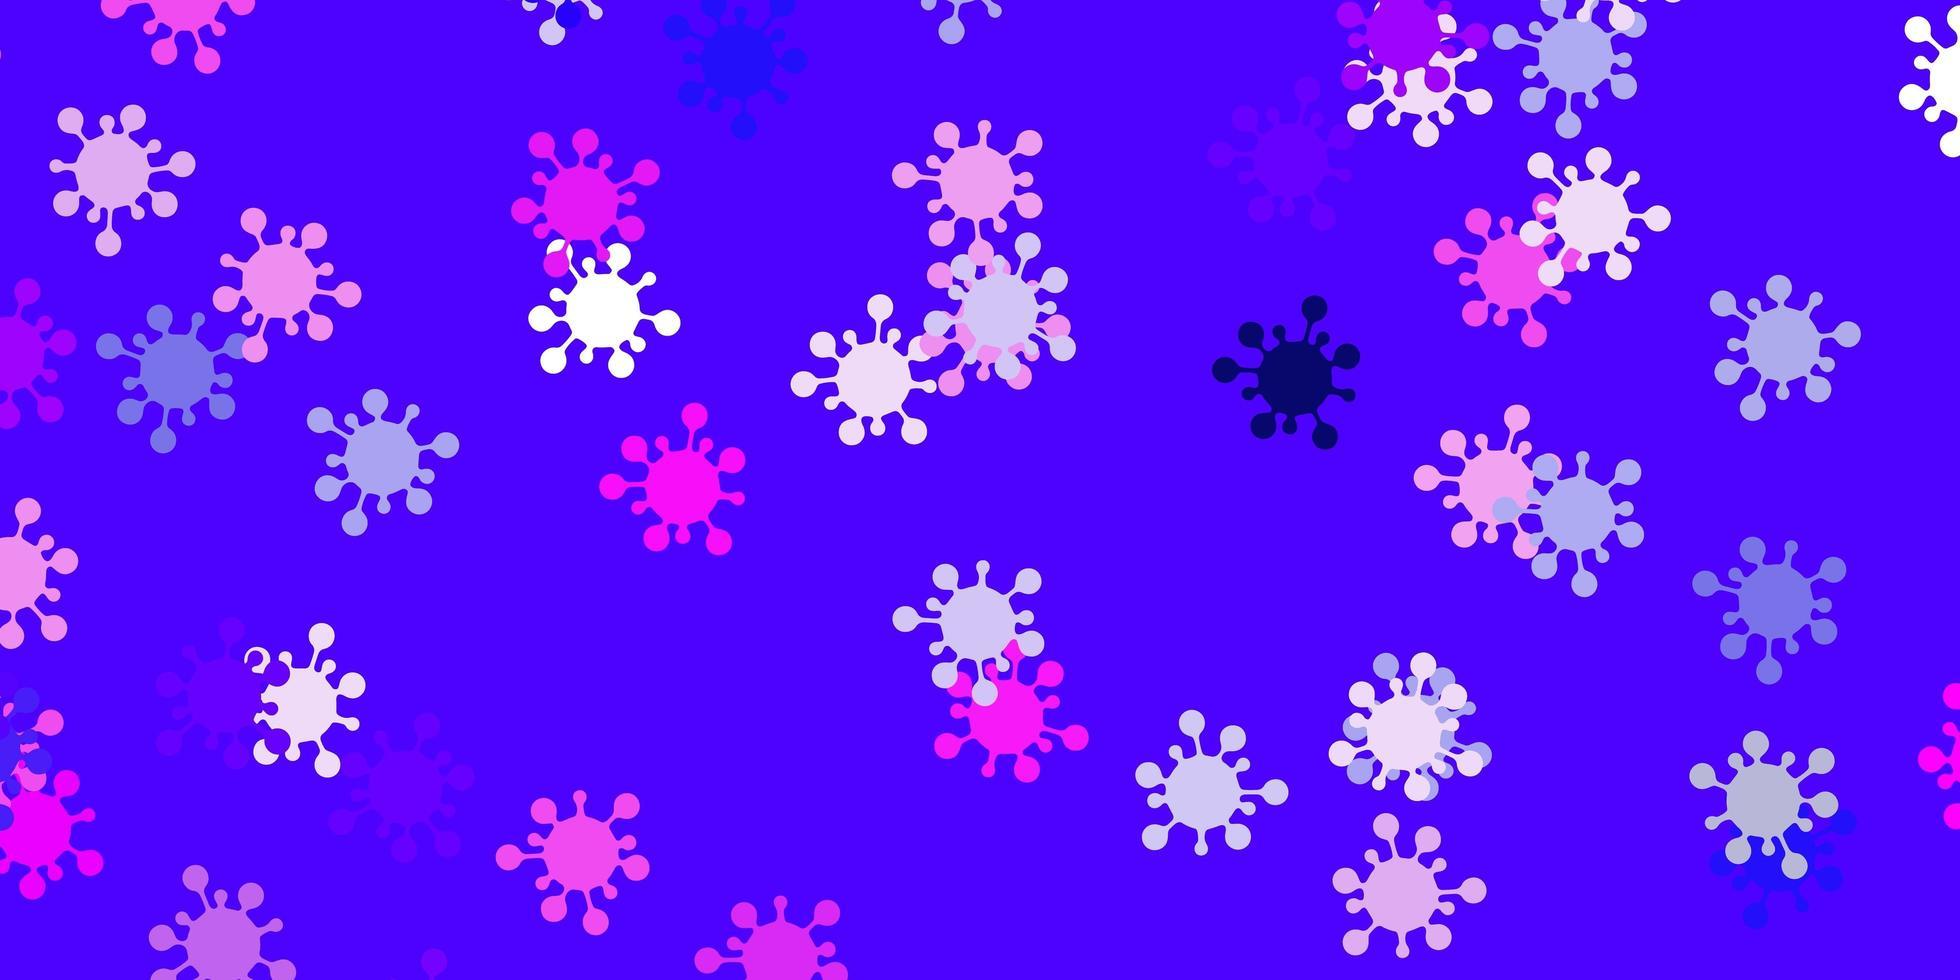 lichtpaarse, roze vectorachtergrond met virussymbolen. vector